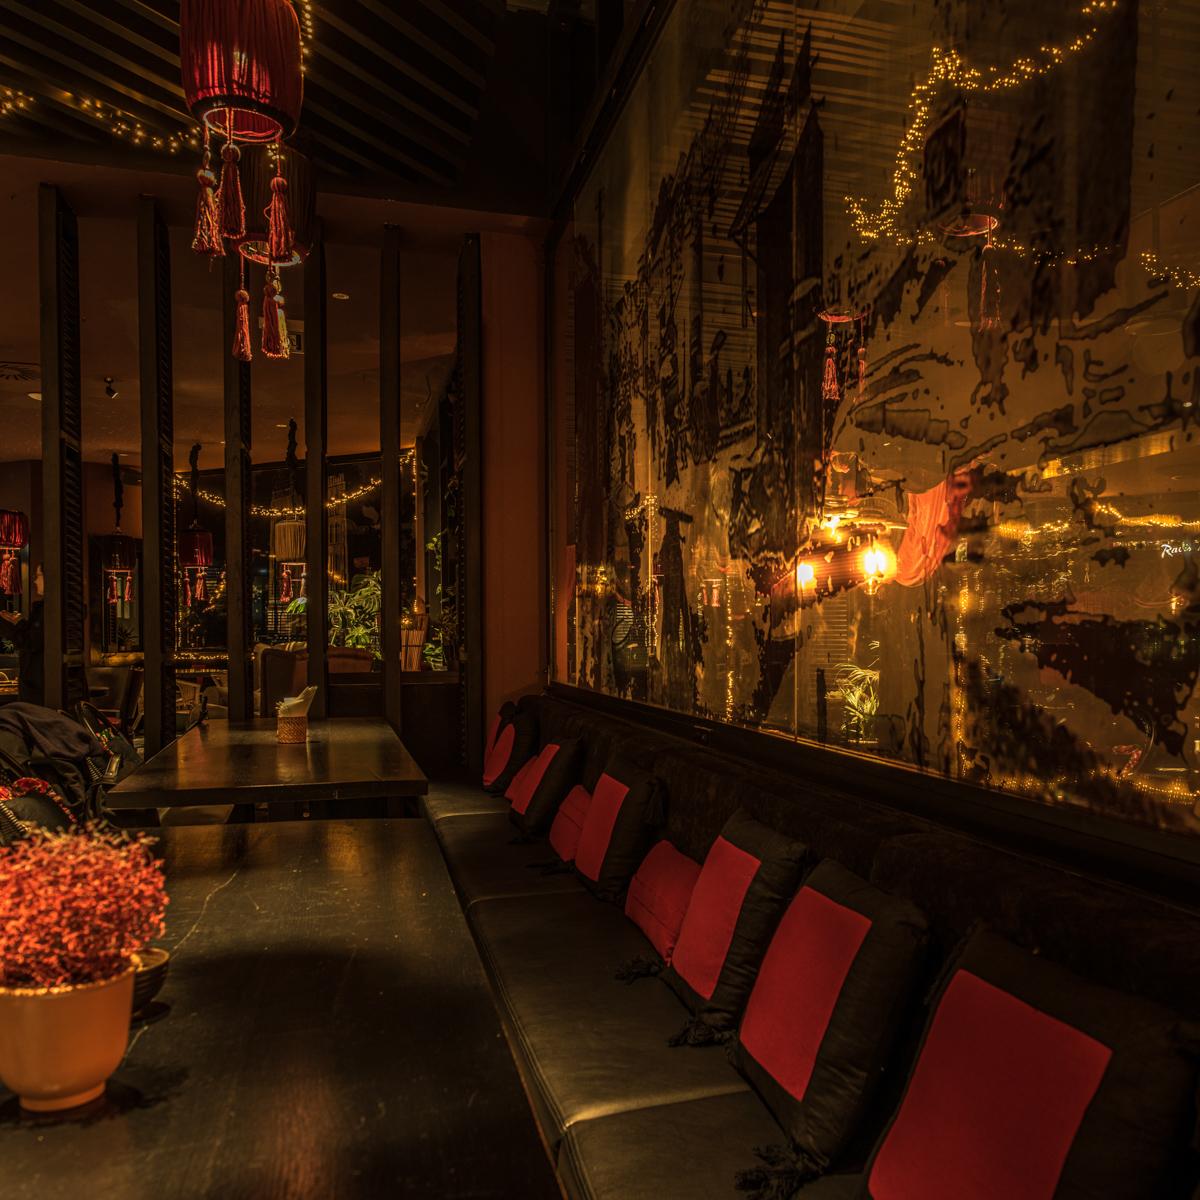 Ngon thailändisches Restaurant in Berlin-Mitte-10